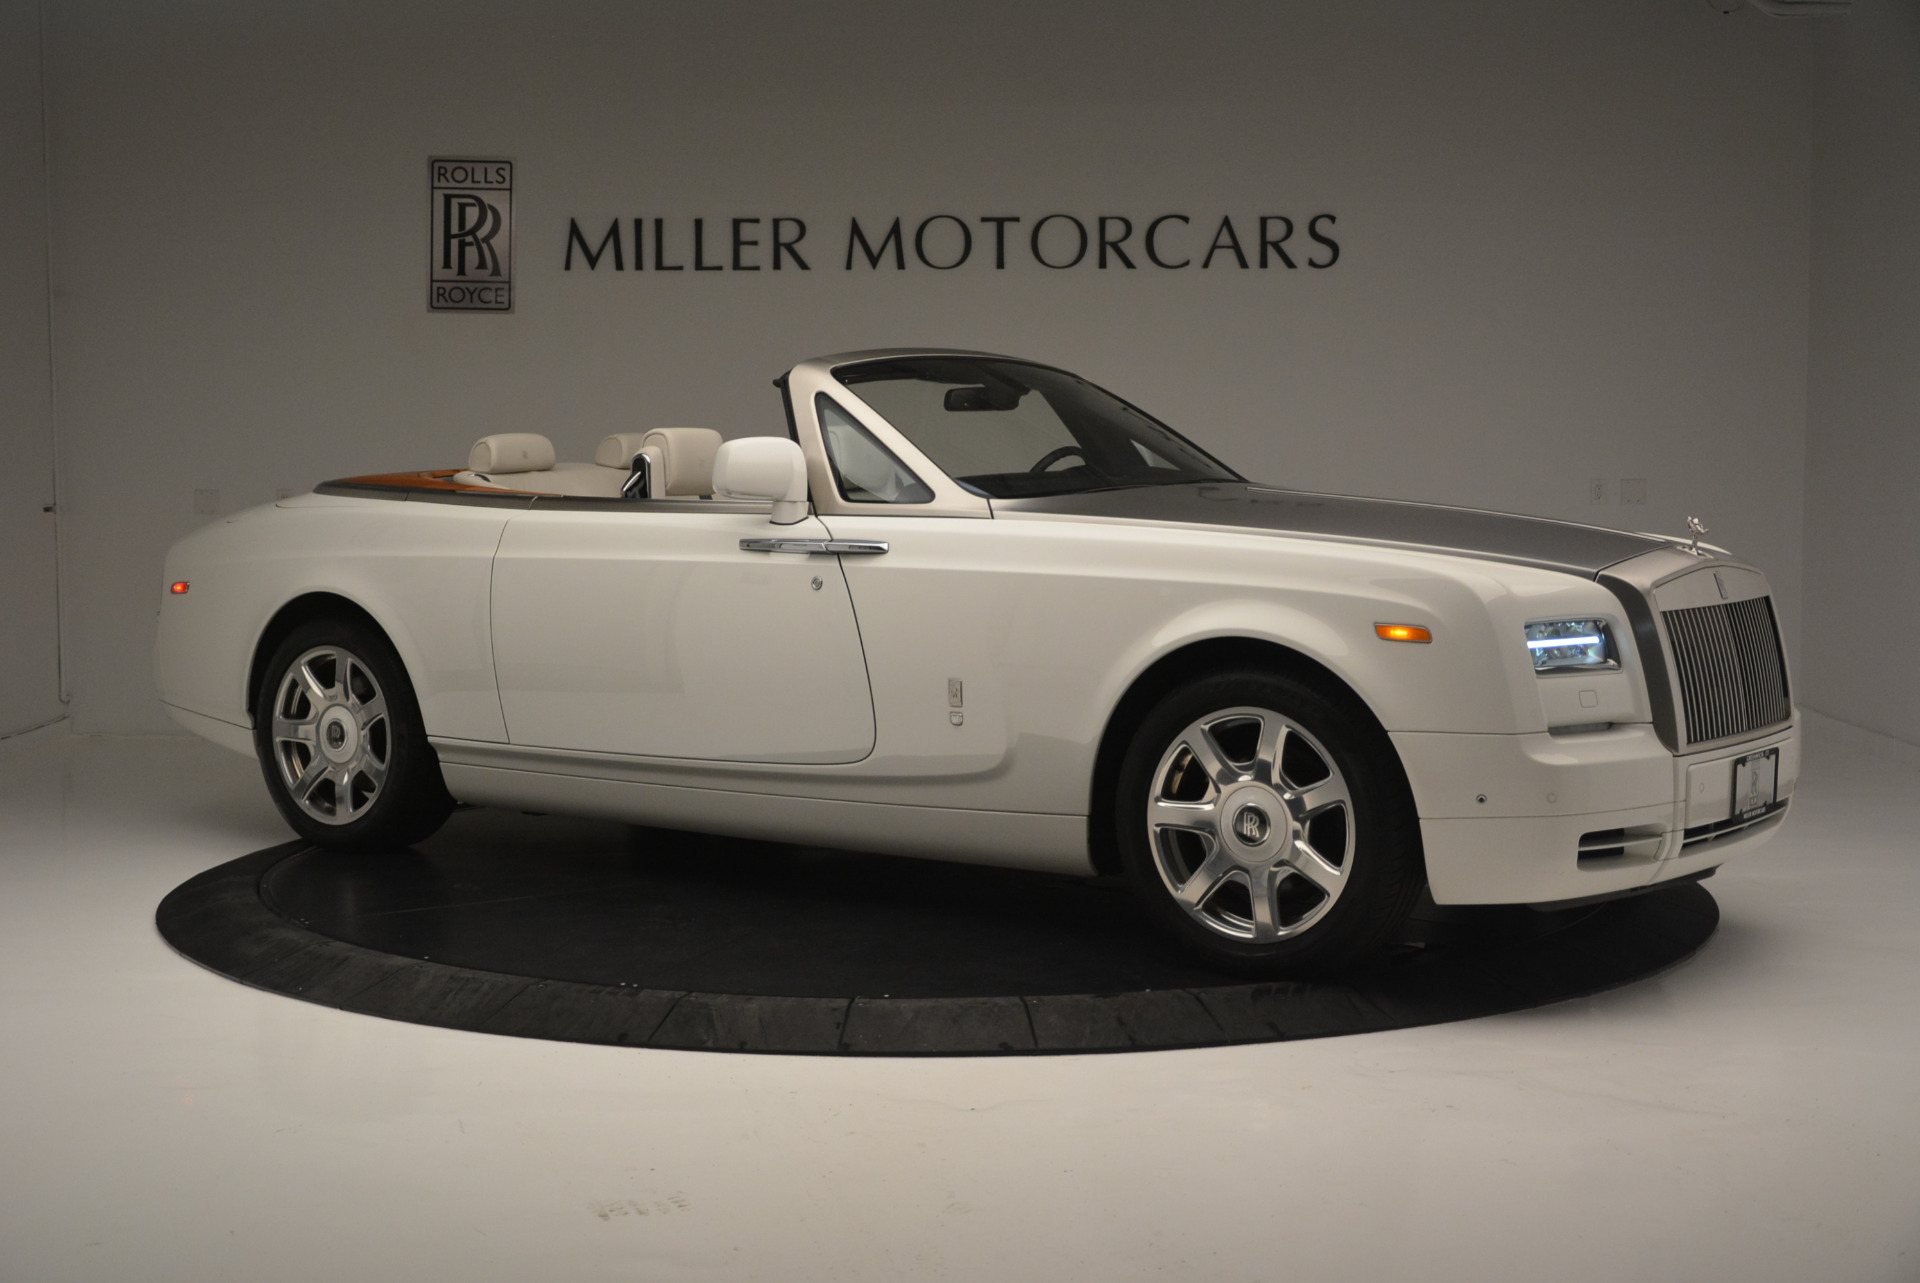 Used 2013 Rolls-Royce Phantom Drophead Coupe  For Sale In Westport, CT 2444_p7